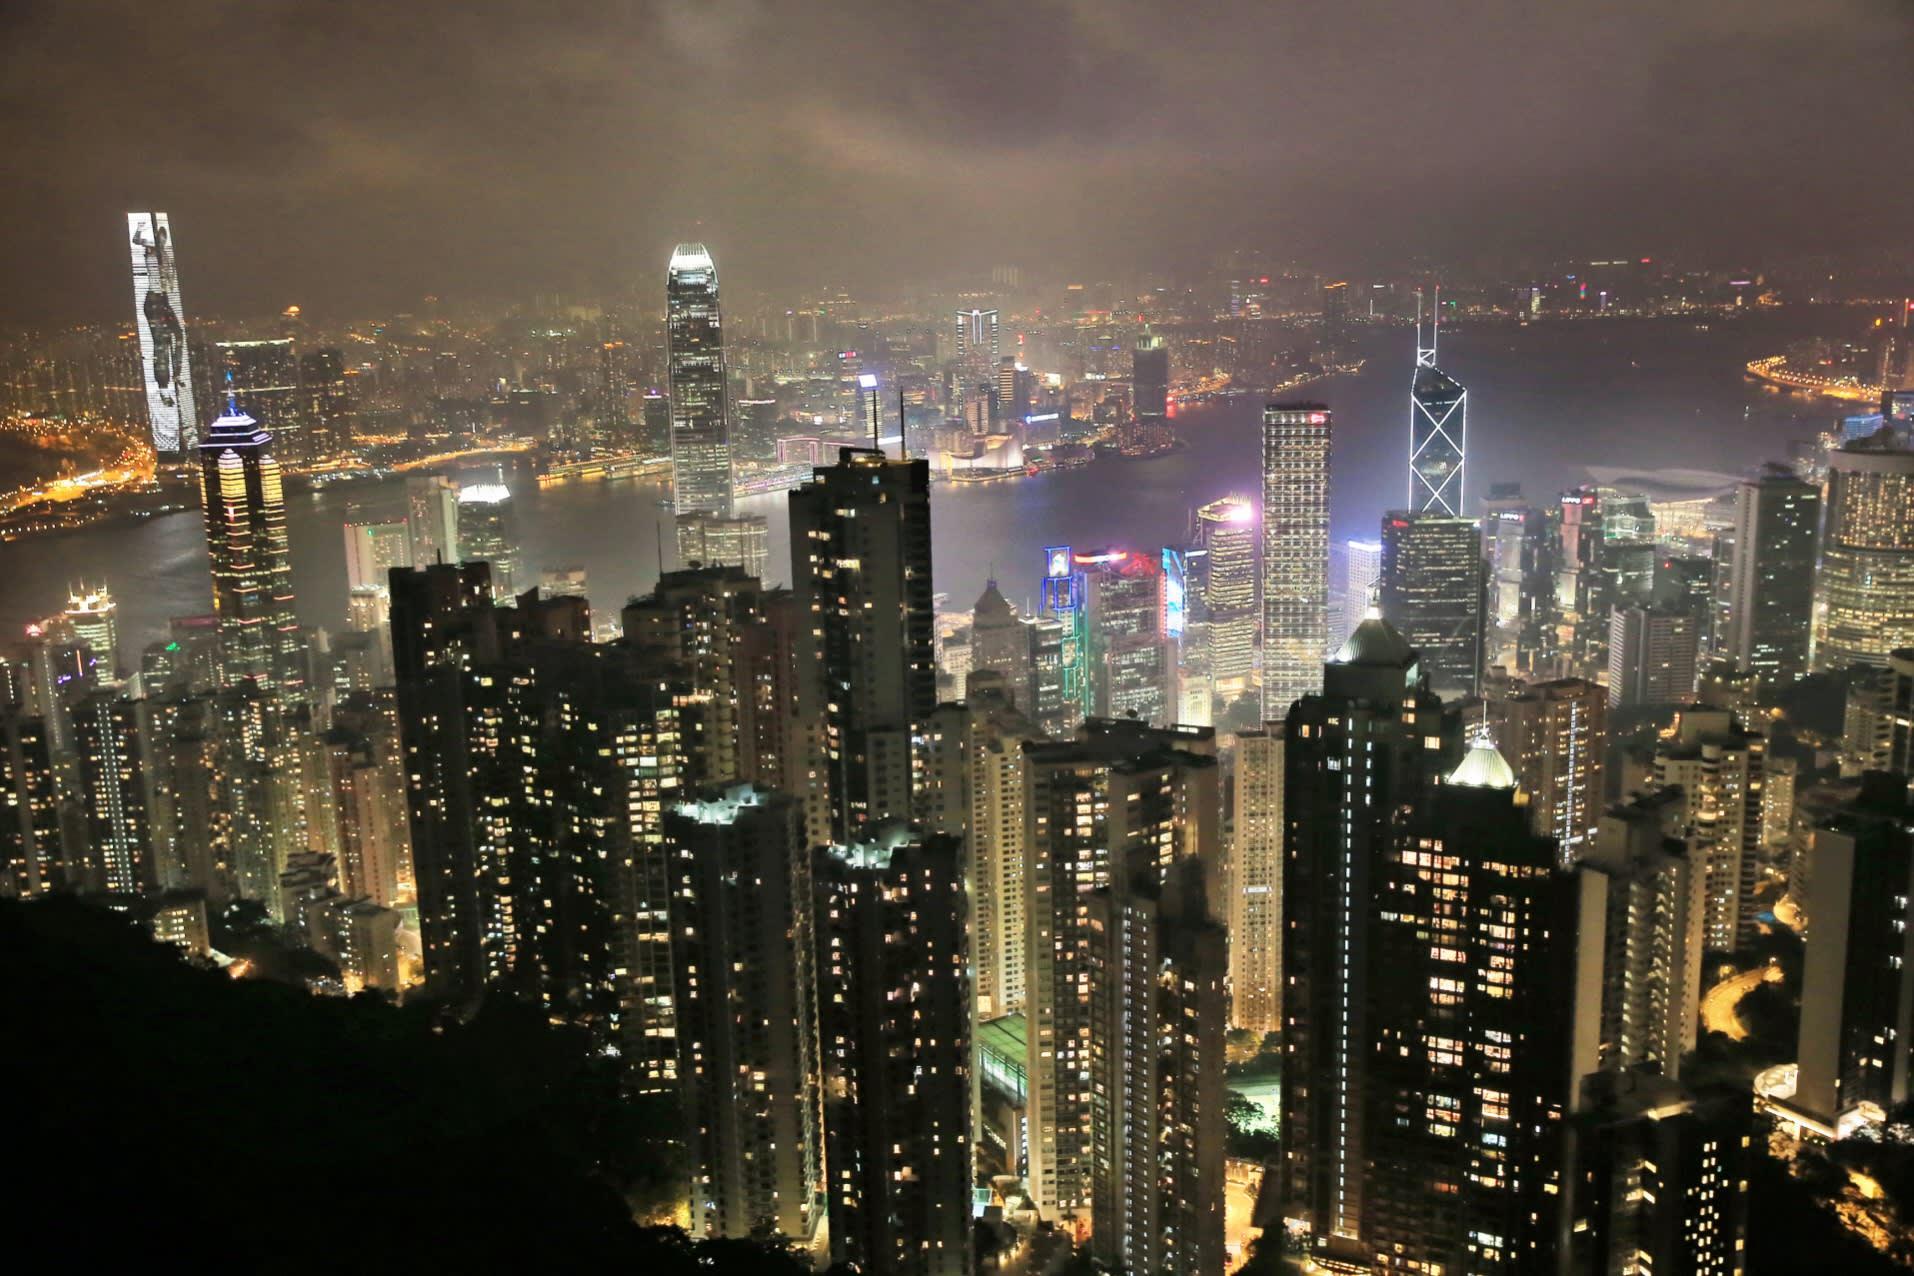 Hong Kong's 'year 2047 problem'